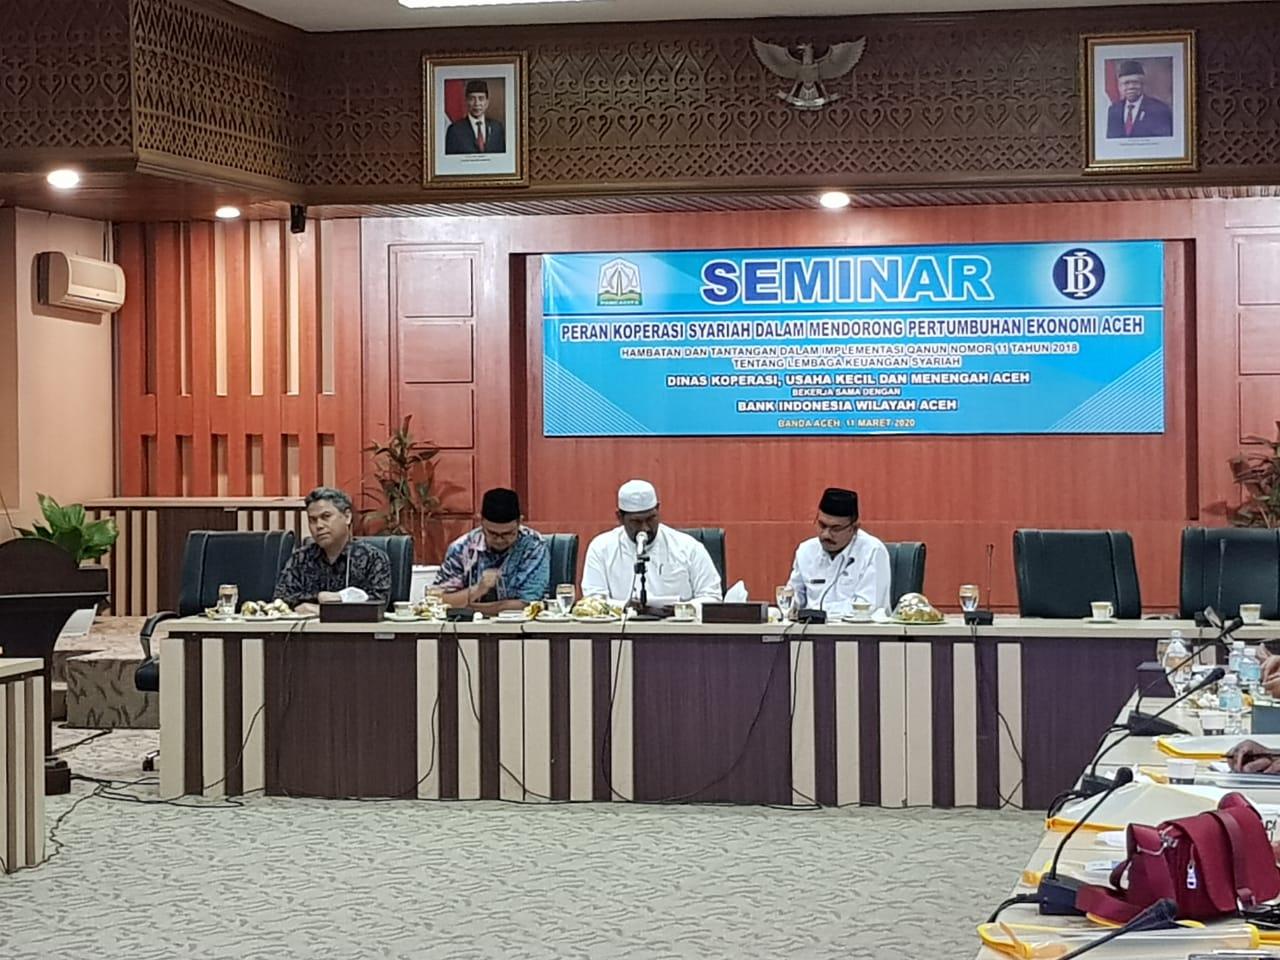 BI Gelar Seminar Terkait Peran Koperasi Syariah di Aceh